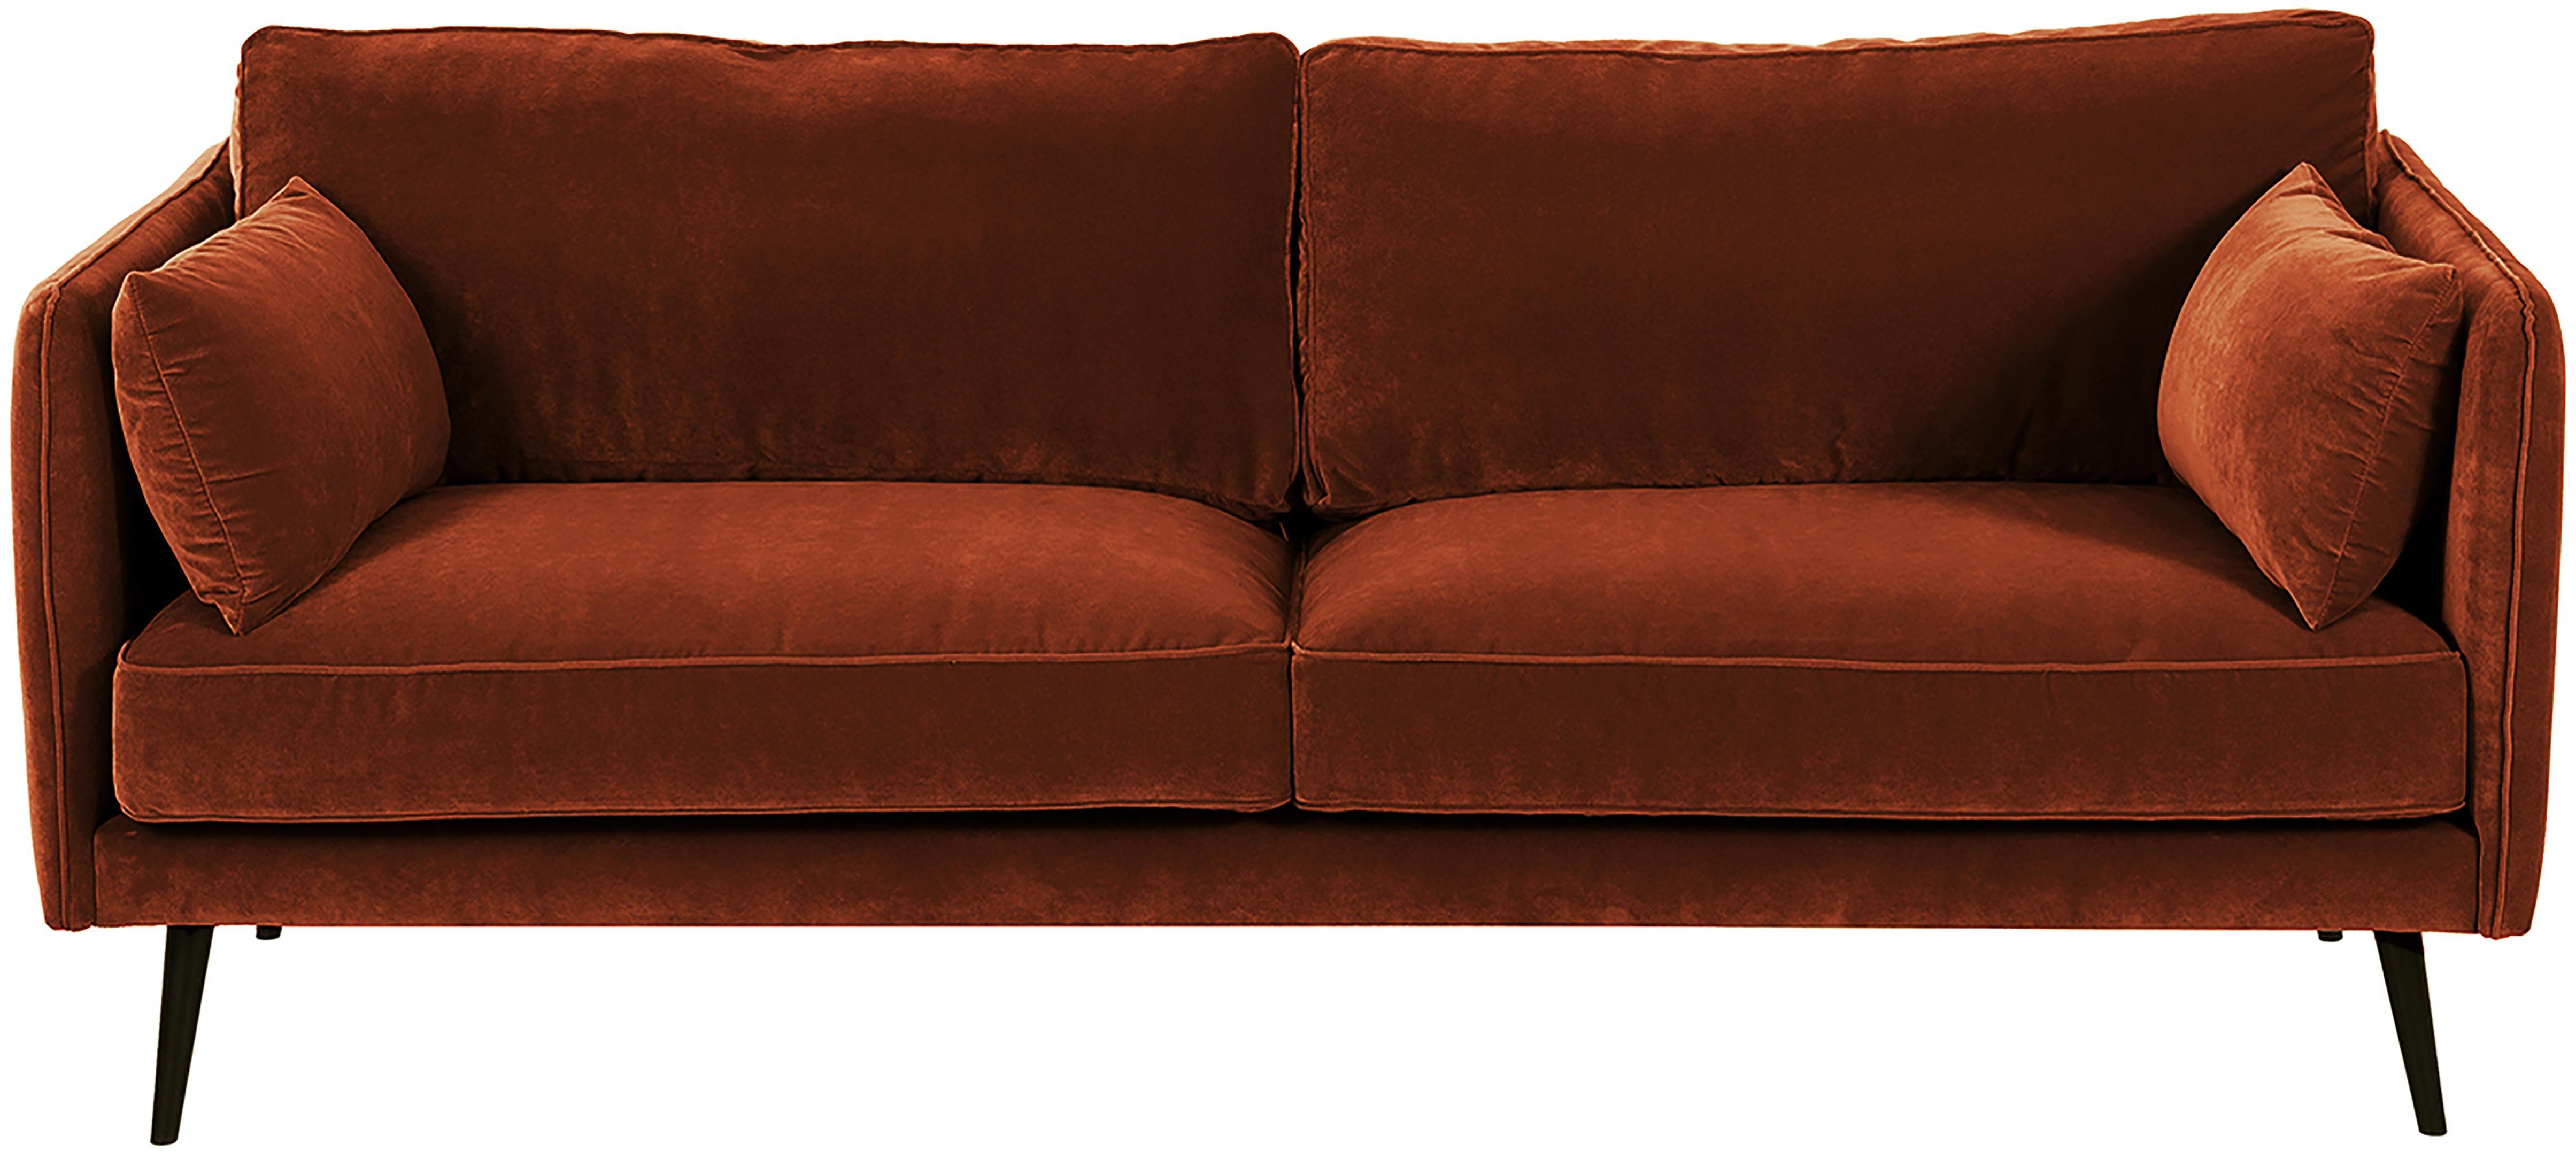 Sofa z aksamitu Paola (3-osobowa), Tapicerka: aksamit (poliester) 7000, Stelaż: masywne drewno świerkowe,, Nogi: drewno świerkowe, lakiero, Aksamit rudy, S 209 x G 95 cm